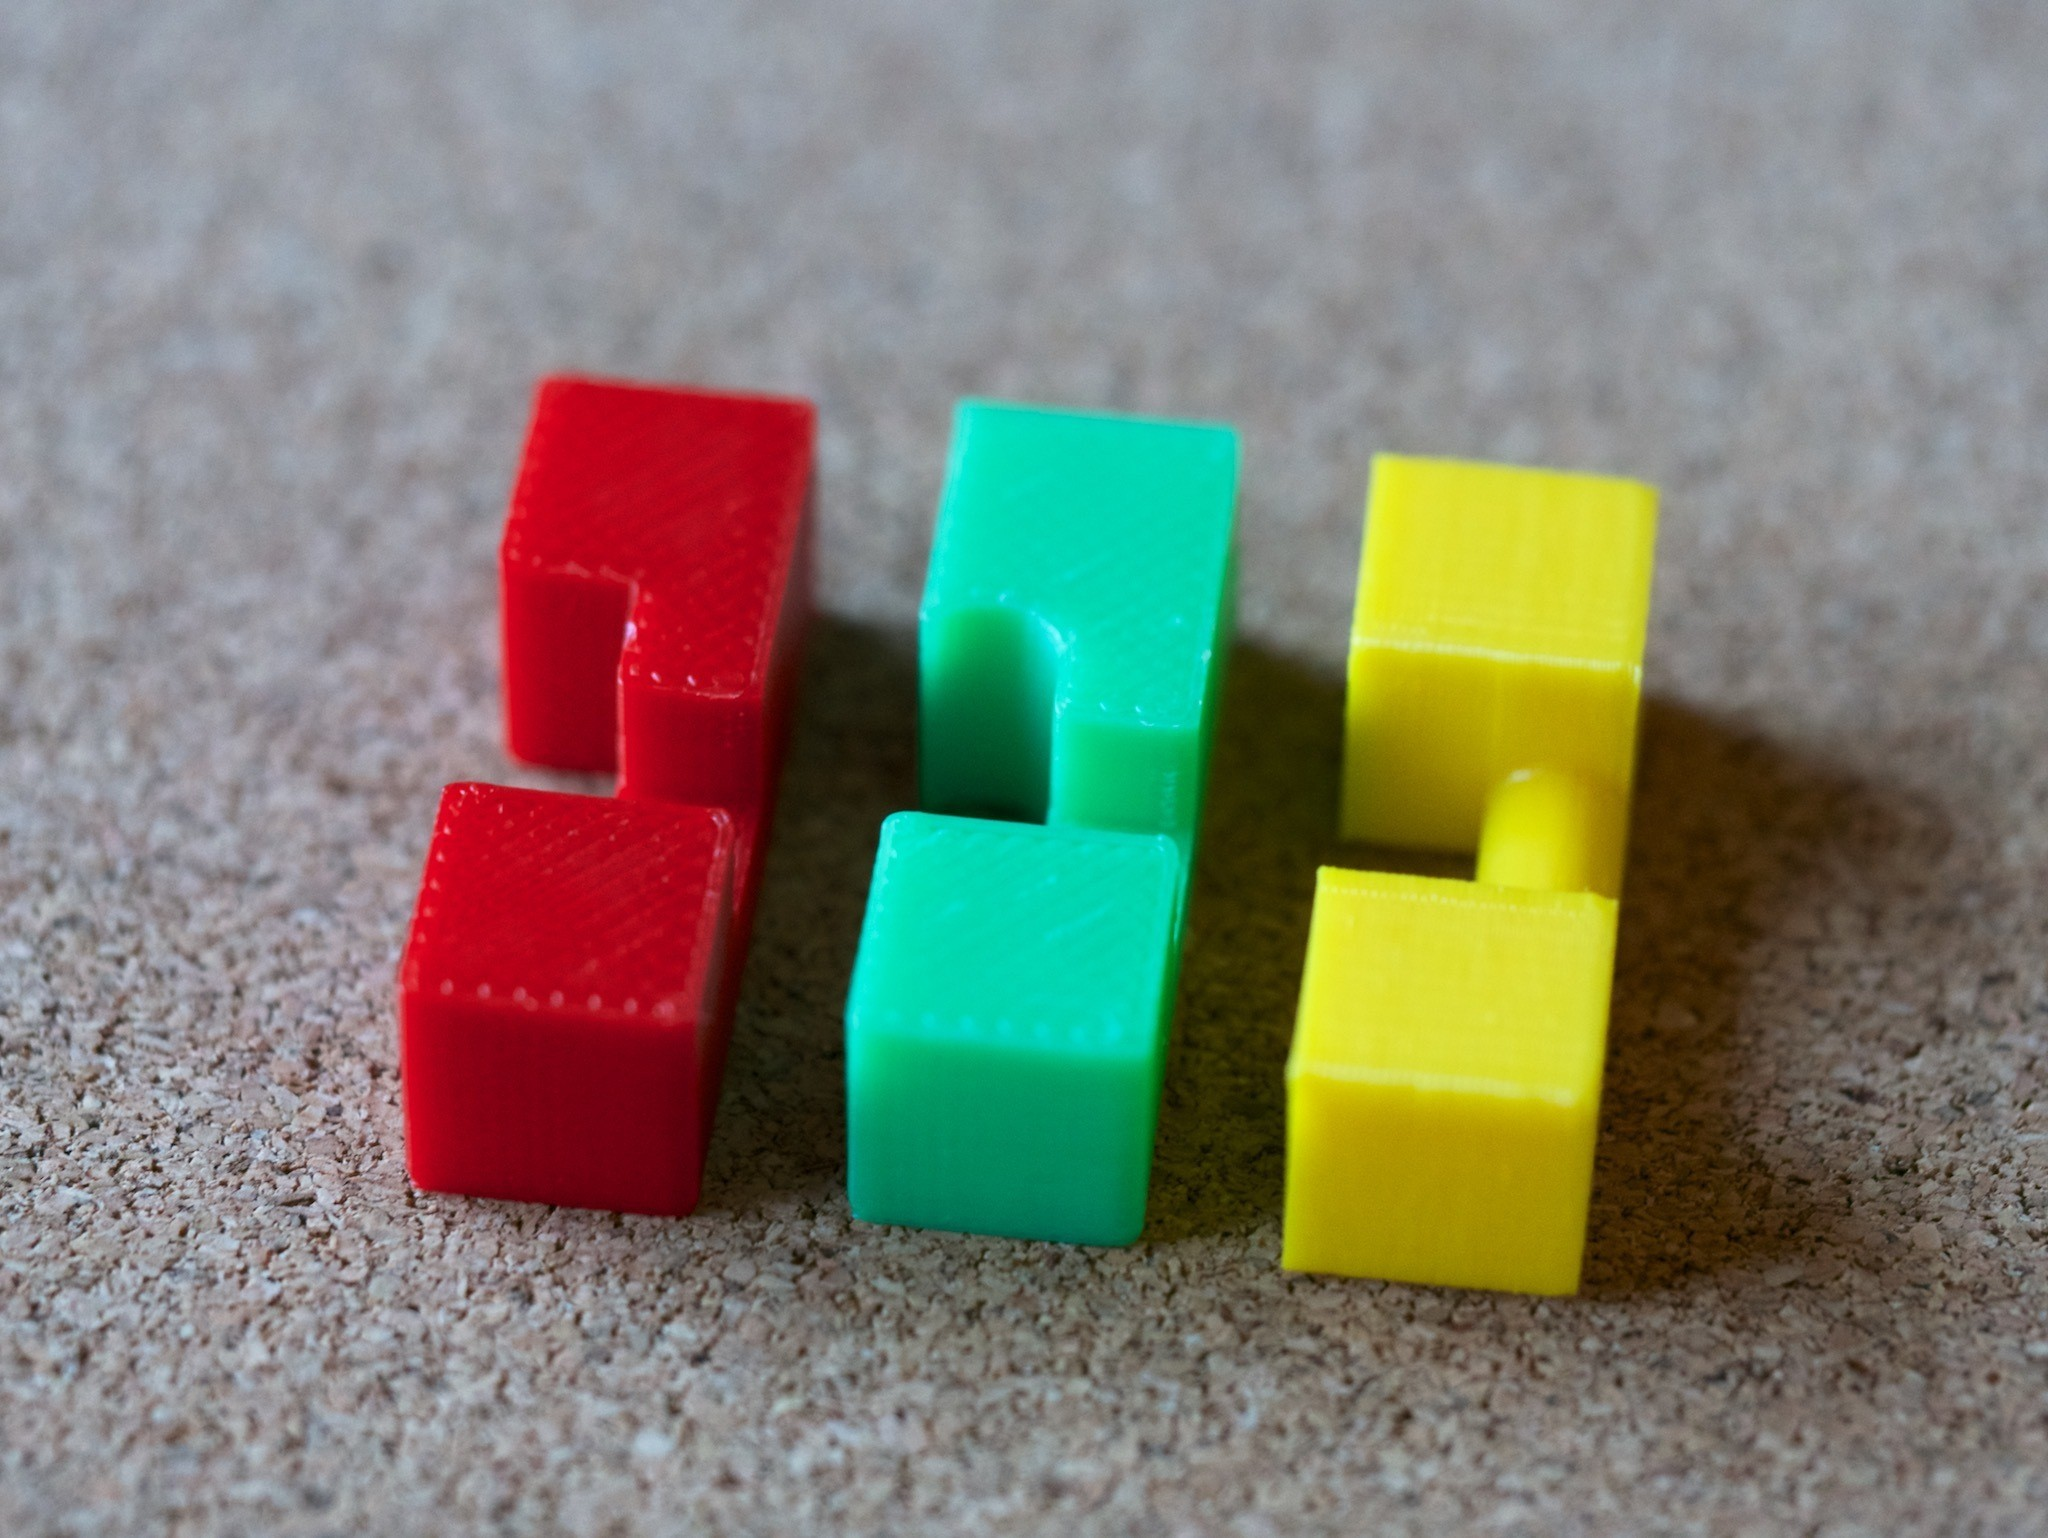 3pzlR_03.jpg Download free STL file 3 piece puzzle (R) • 3D print template, bs3